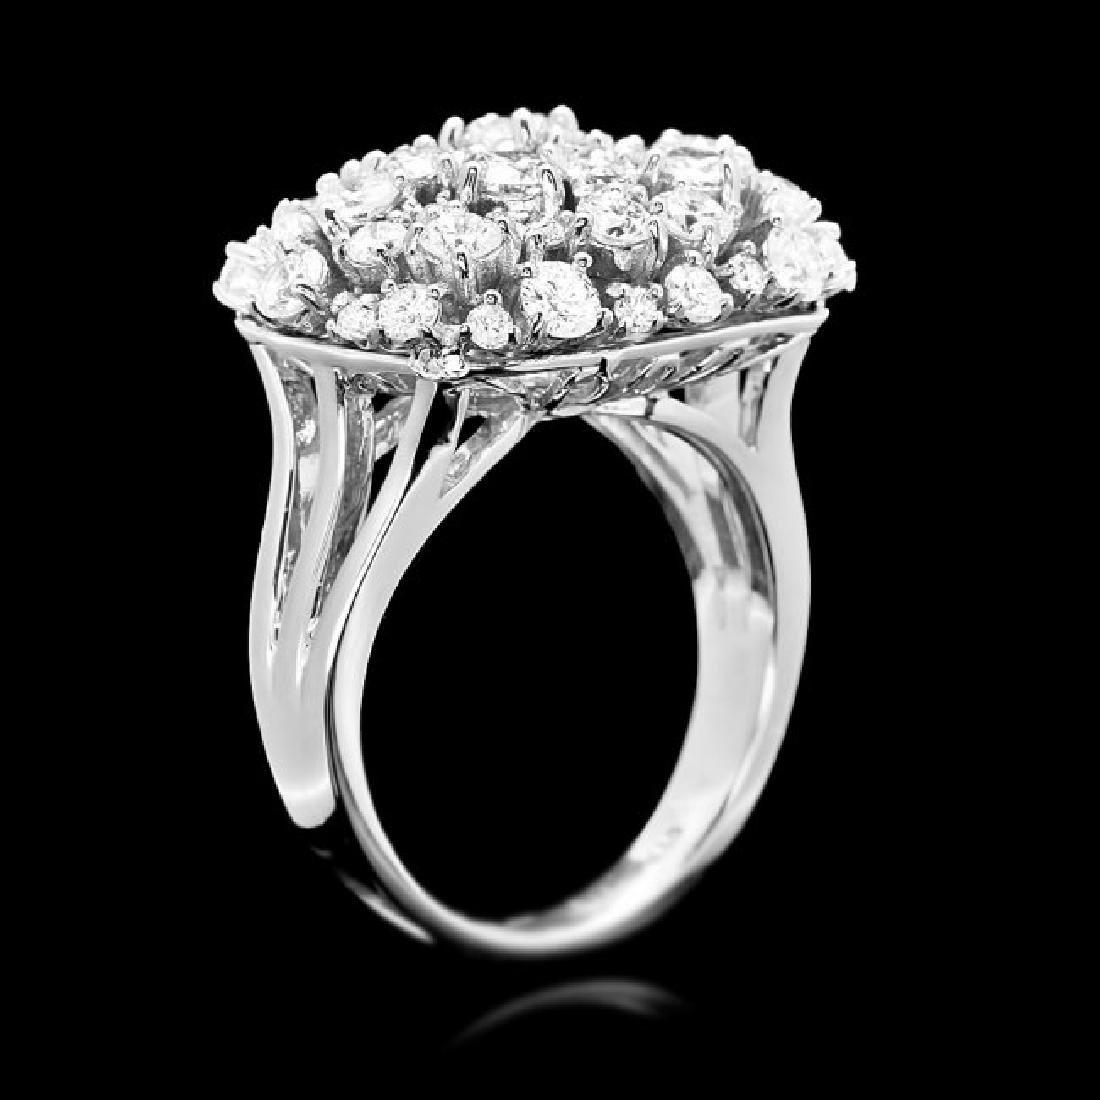 14k White Gold 2.50ct Diamond Ring - 3